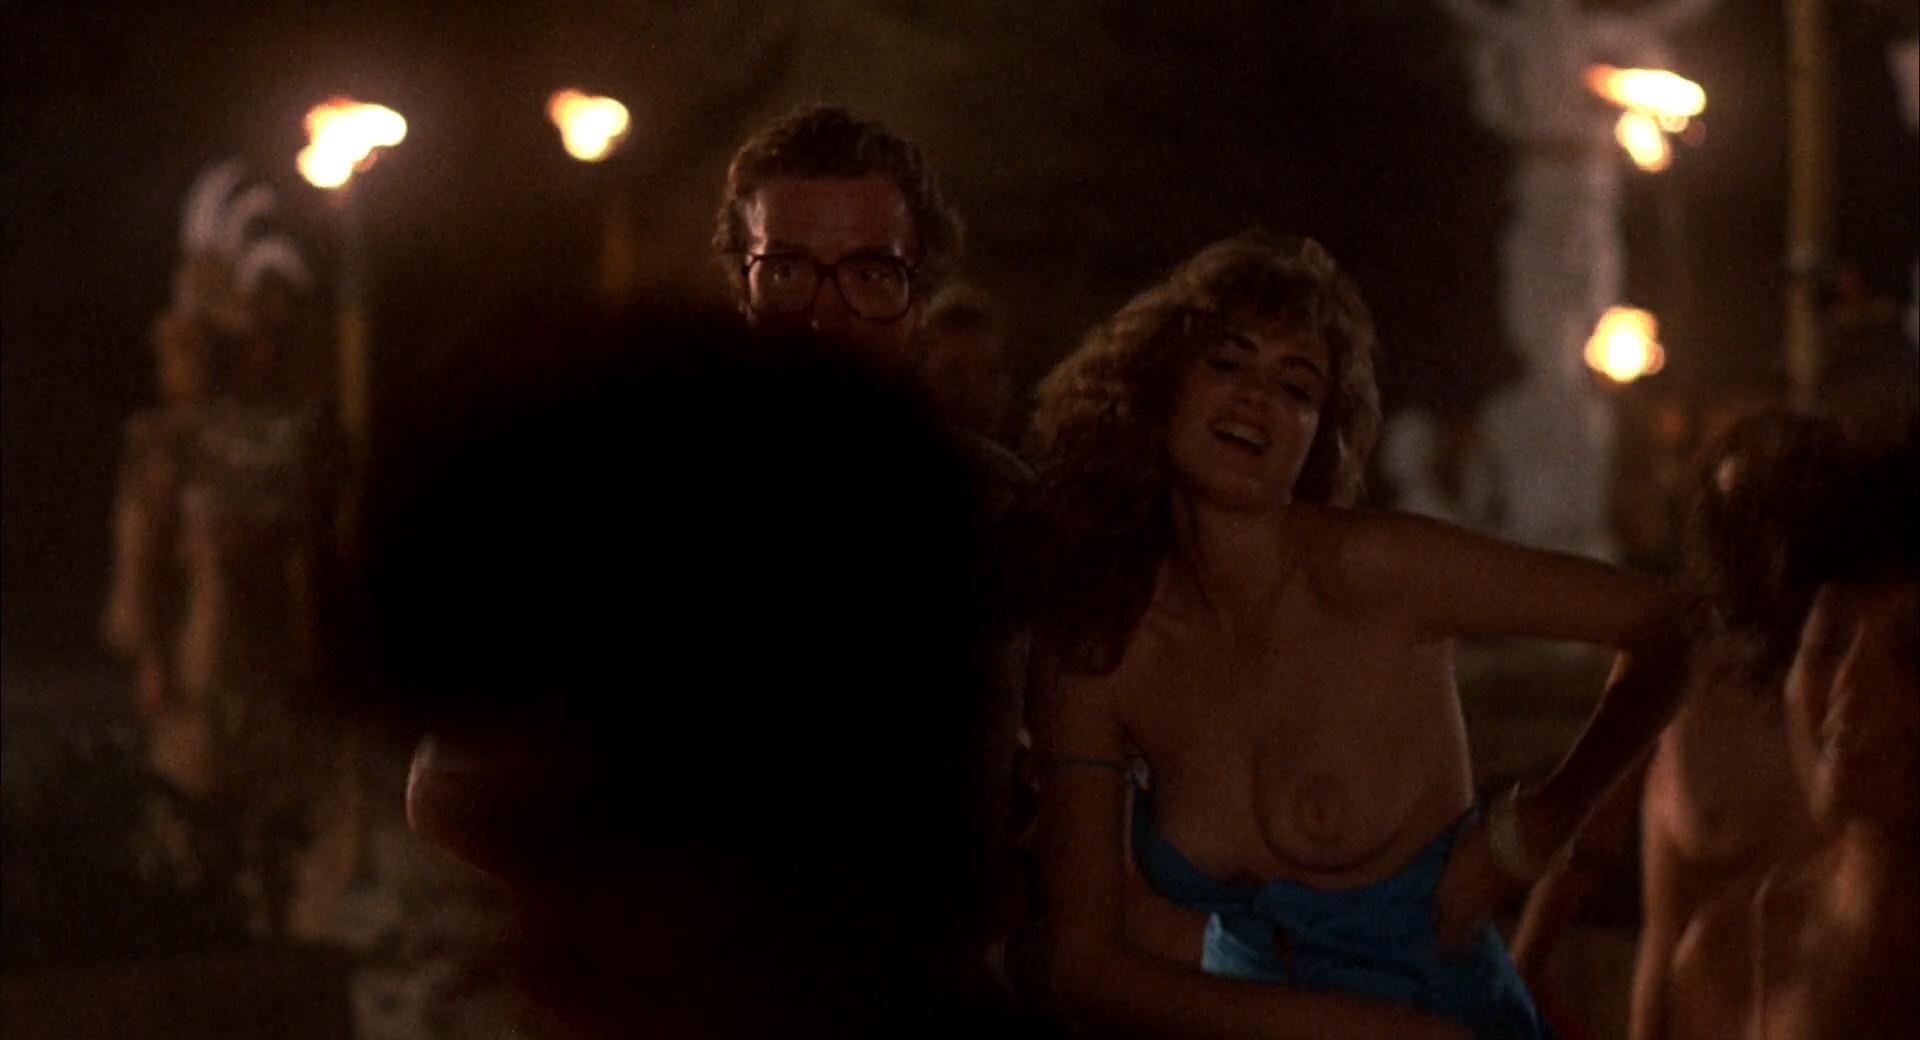 Michelle johnson video nude — pic 2